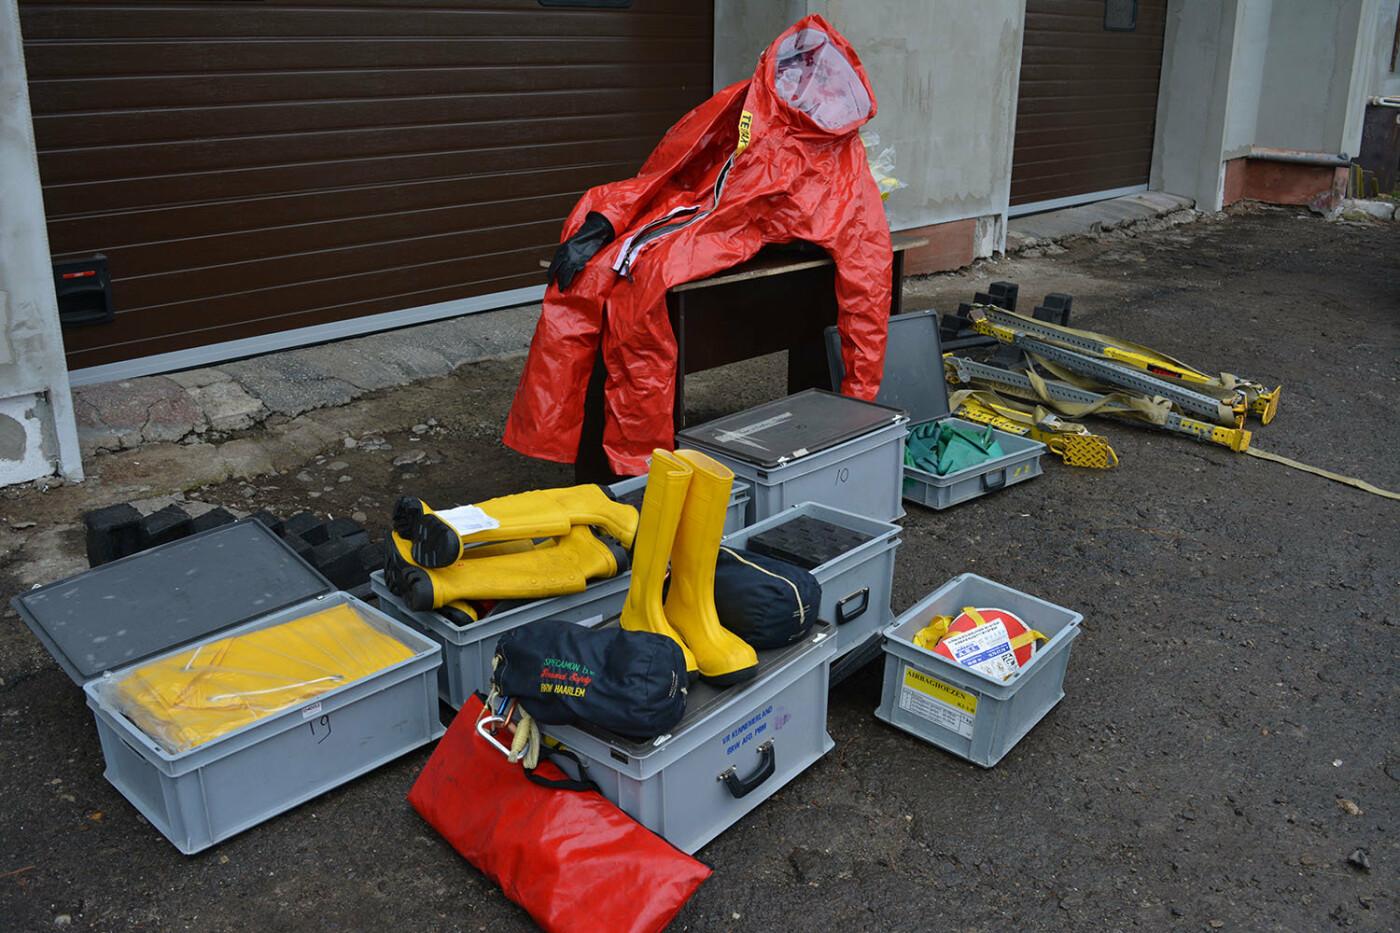 Допомога Нідерландів: ужгородські рятувальники отримали обладнання та спорядження європейського взірця, фото-2